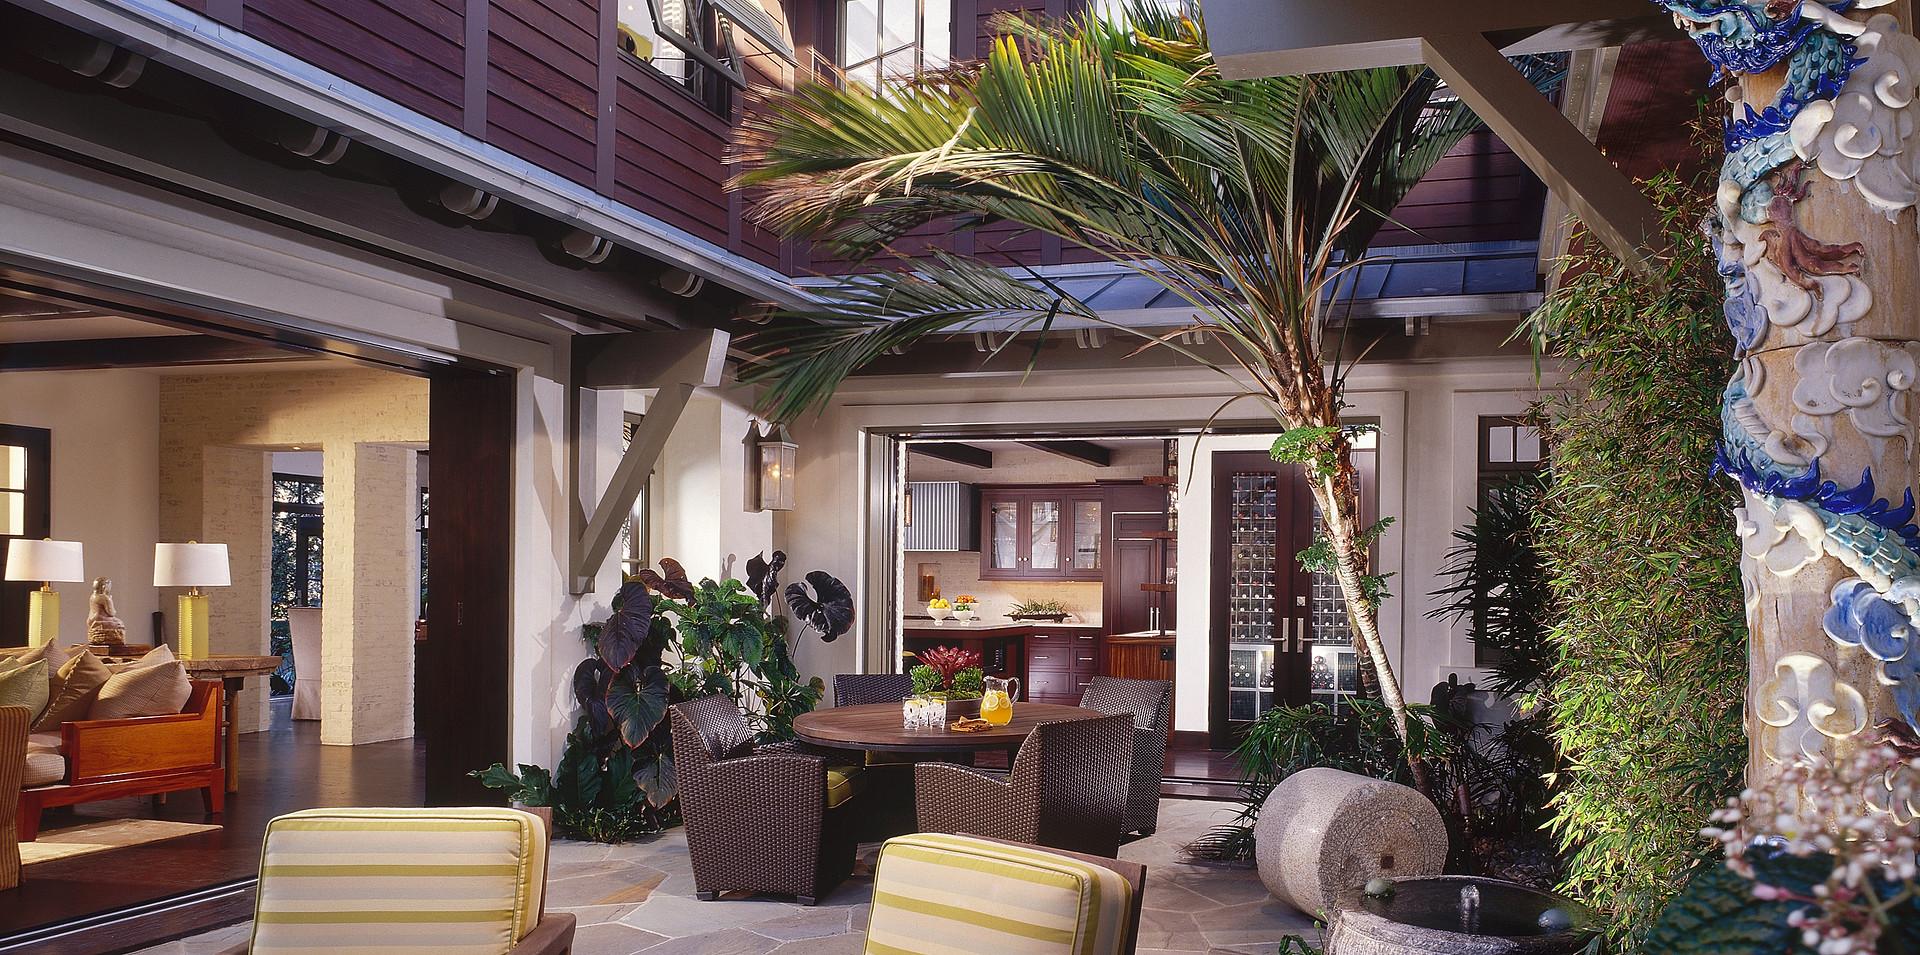 Courtyard-02.jpg